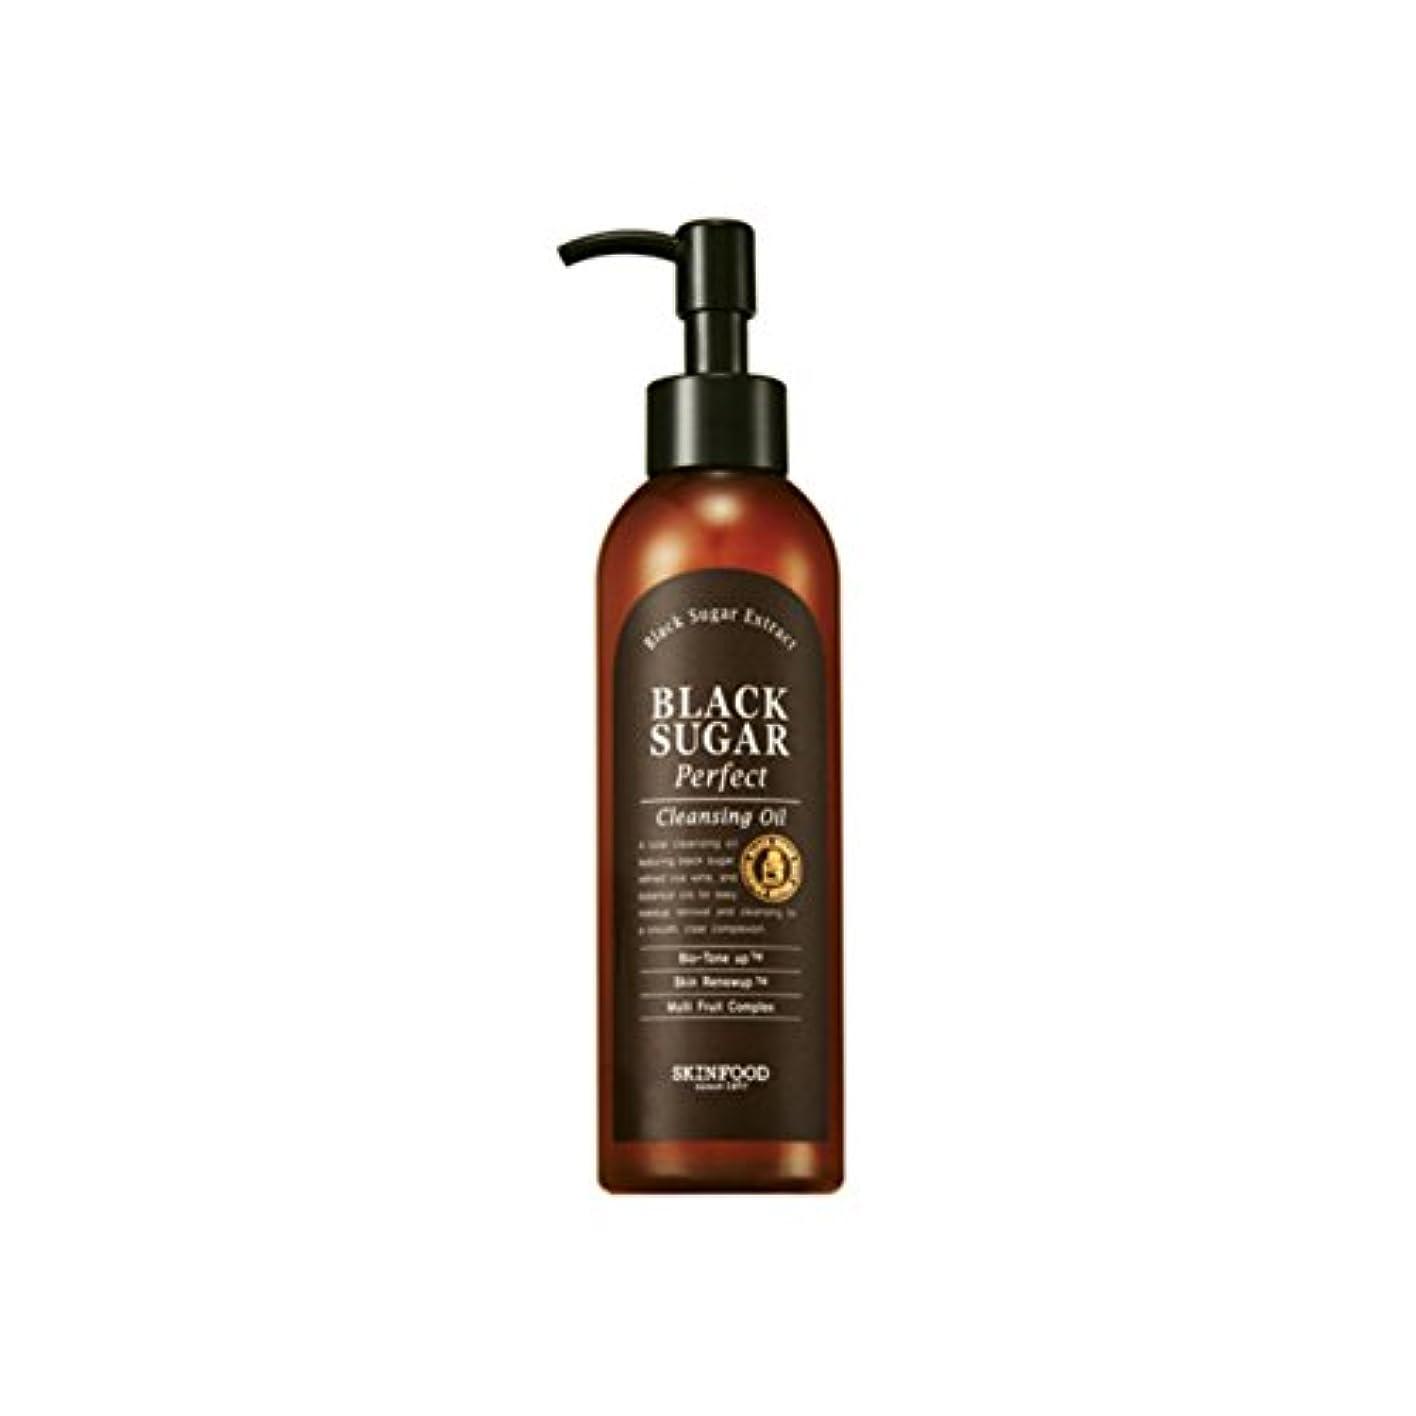 負赤面サーバント[スキンフード] SKINFOOD [ブラックシュガーパーフェクトクレンジングオイル] (Black Sugar Perfect Cleansing Oil) [並行輸入品]